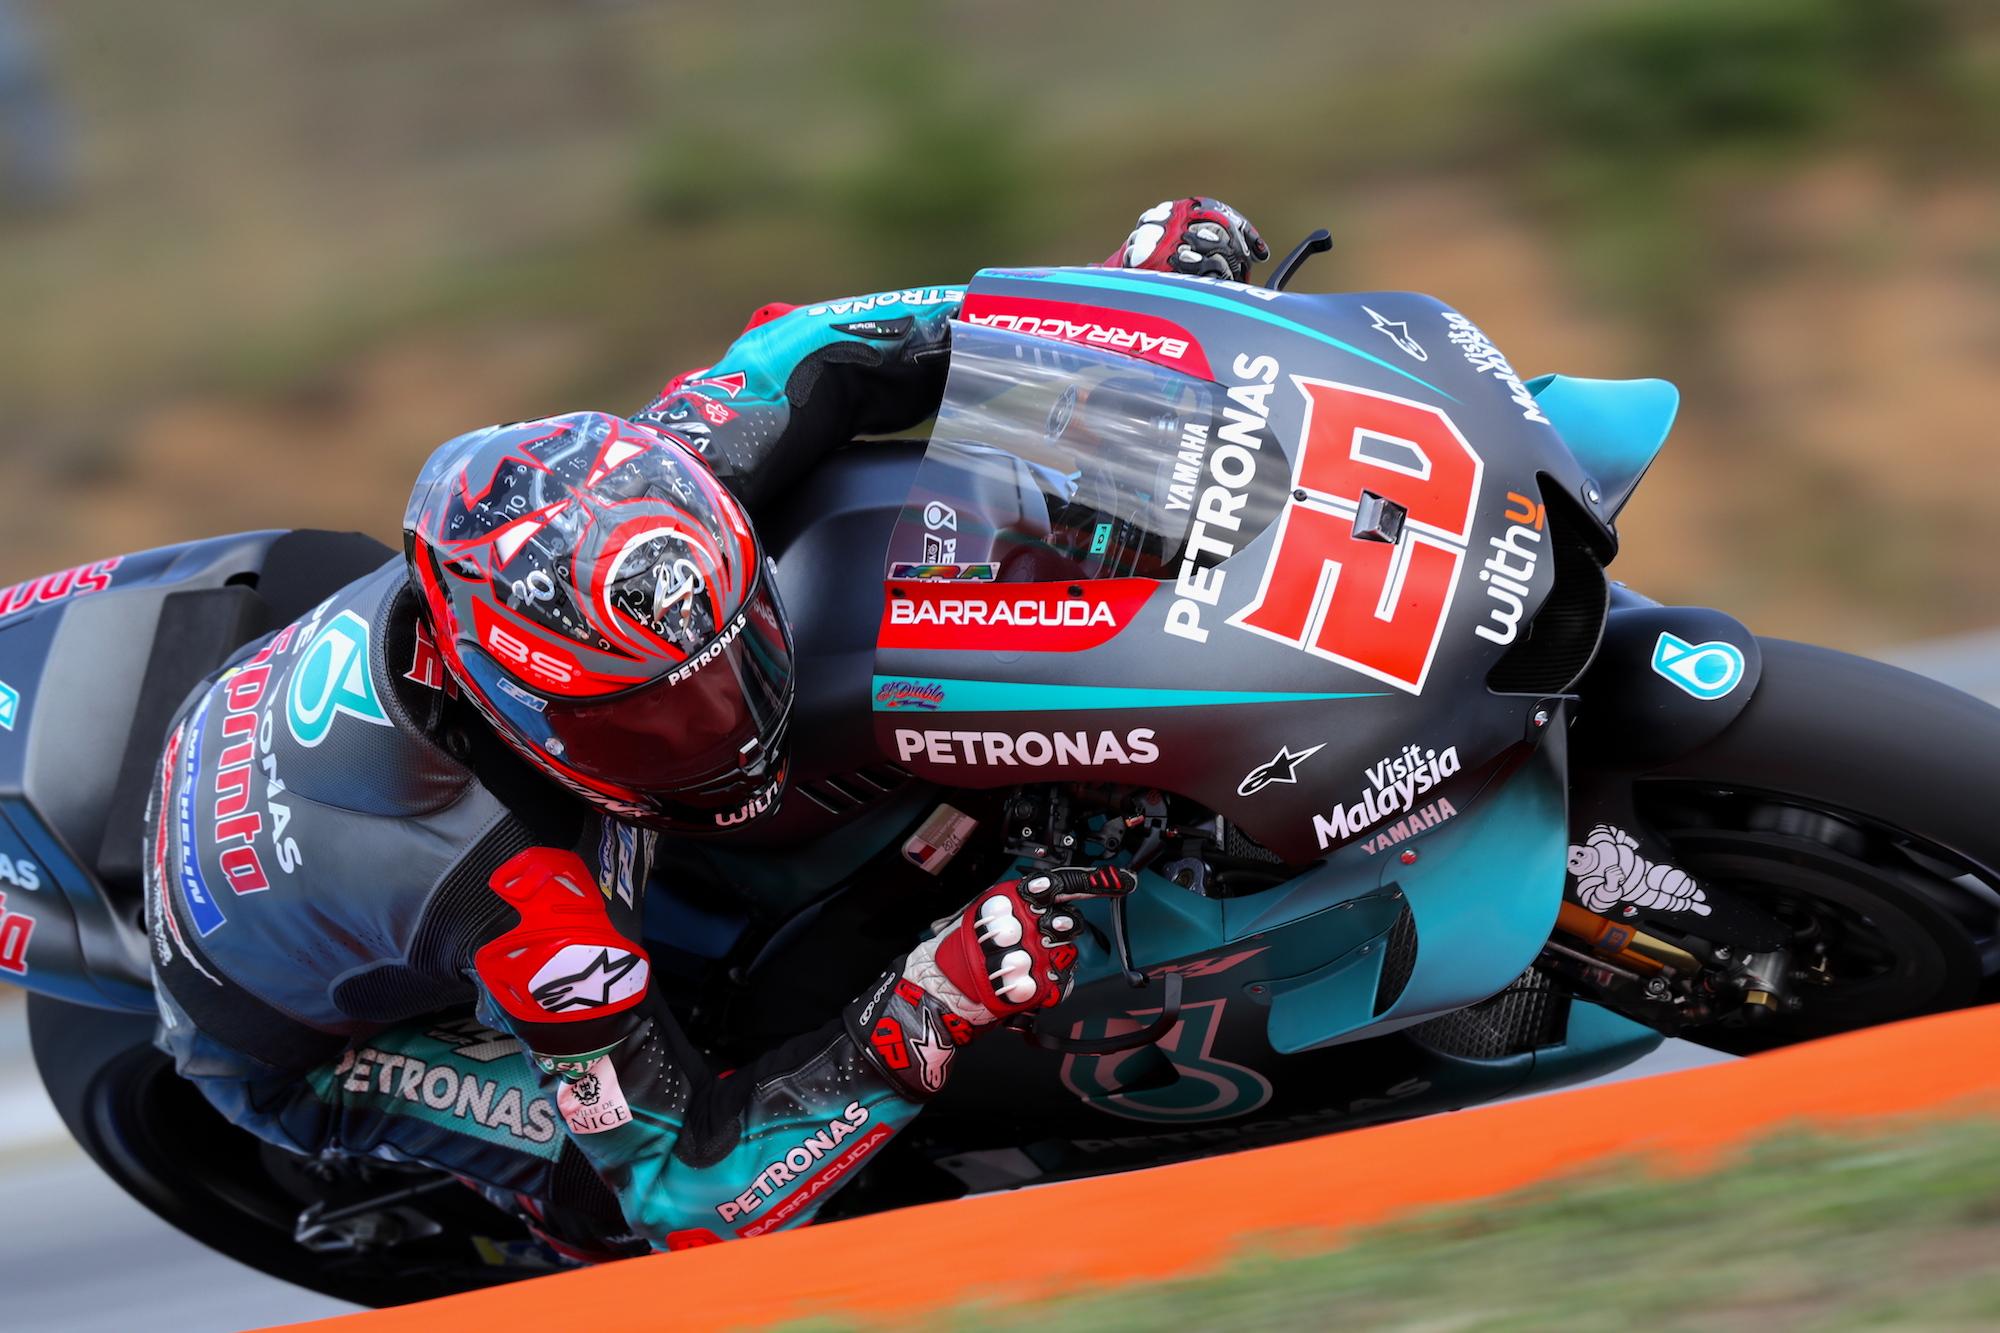 Fabio Quartararo, mejor tiempo en los libres de MotoGP